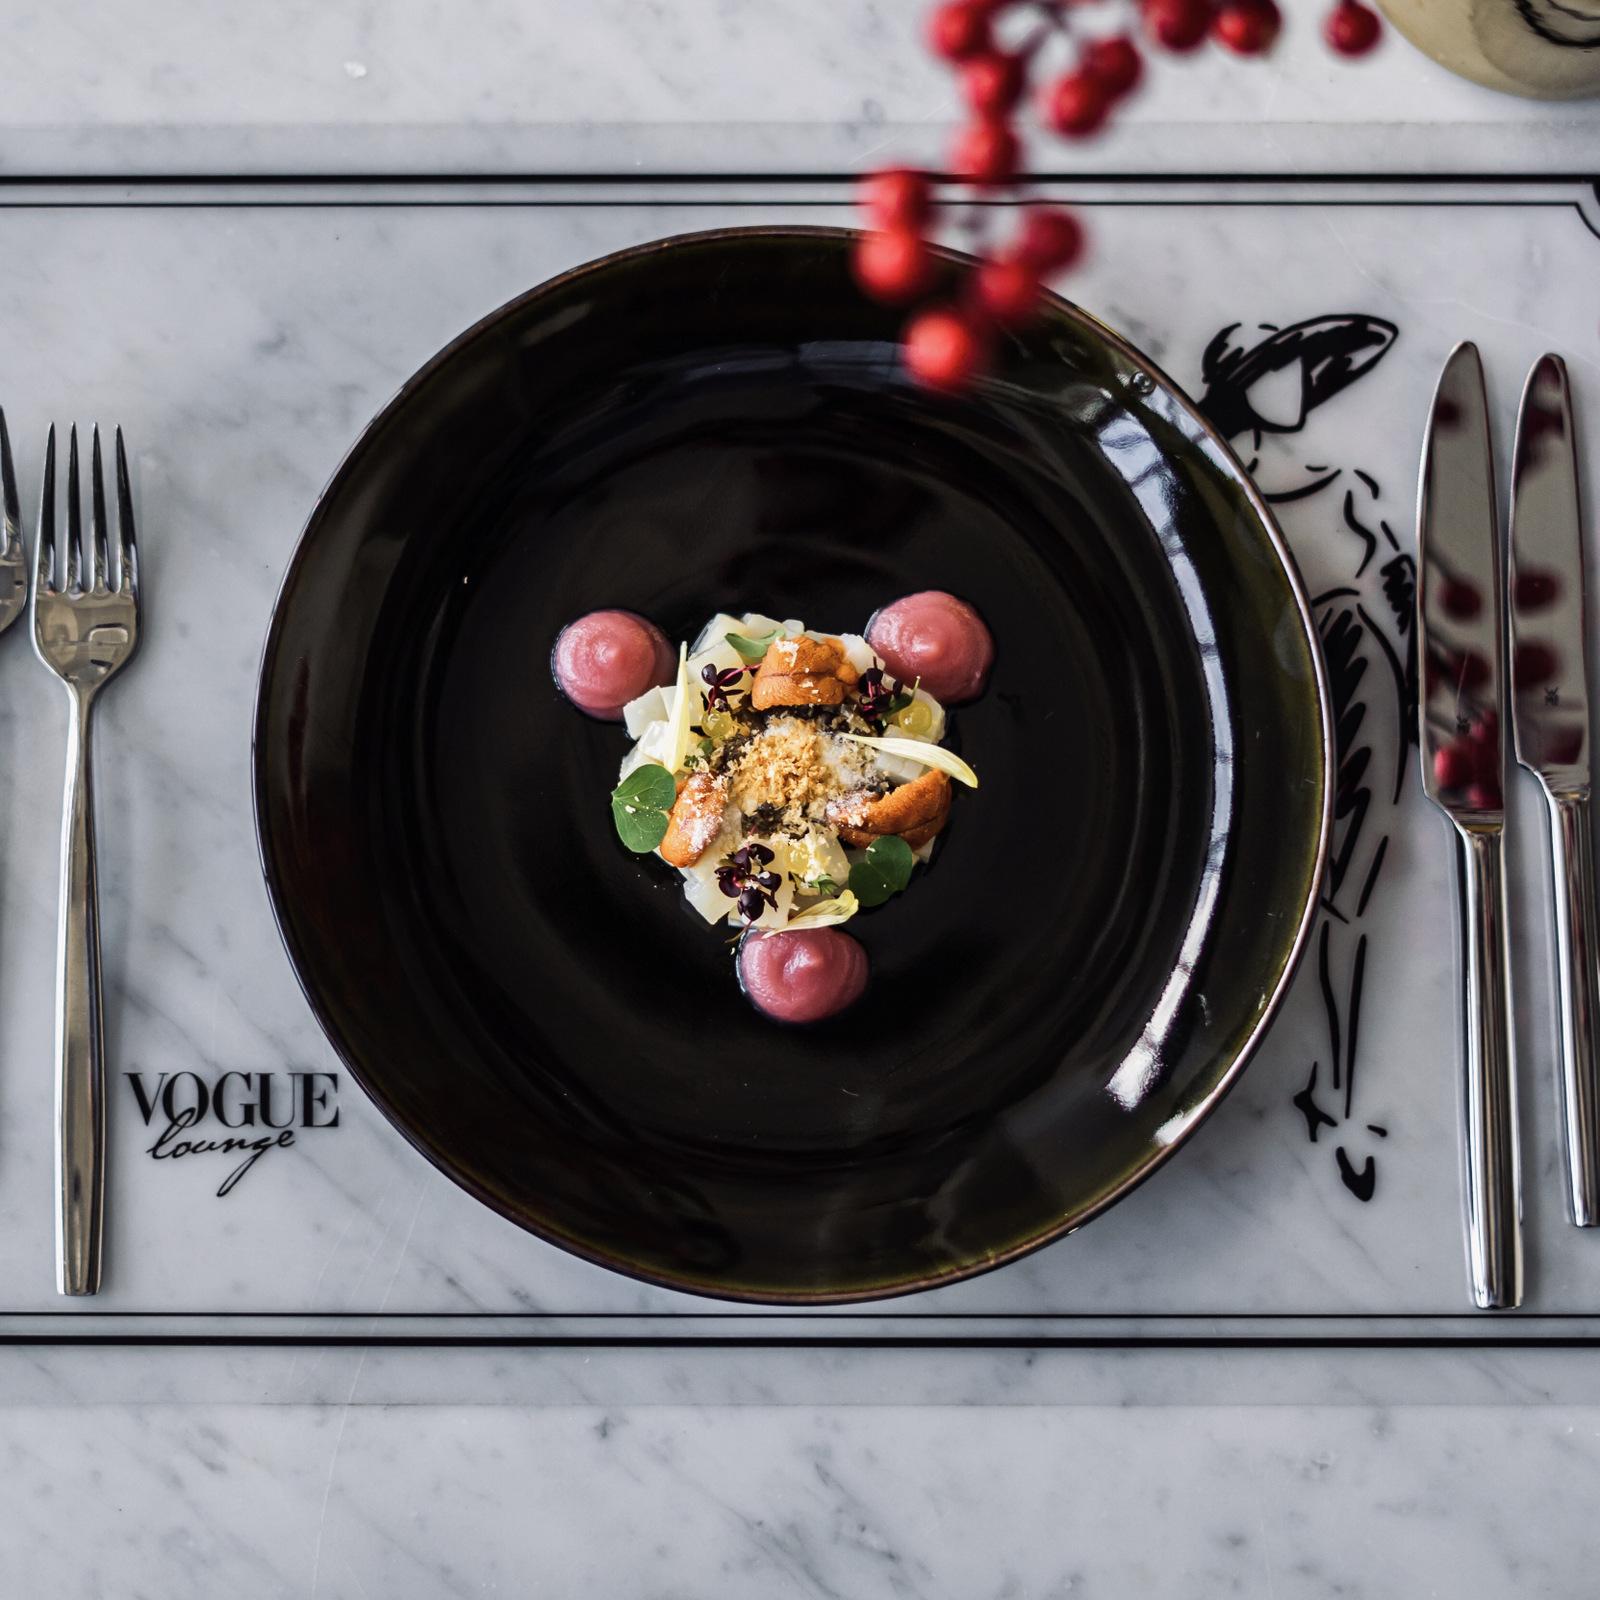 vogue lounge kl: valentine's menu